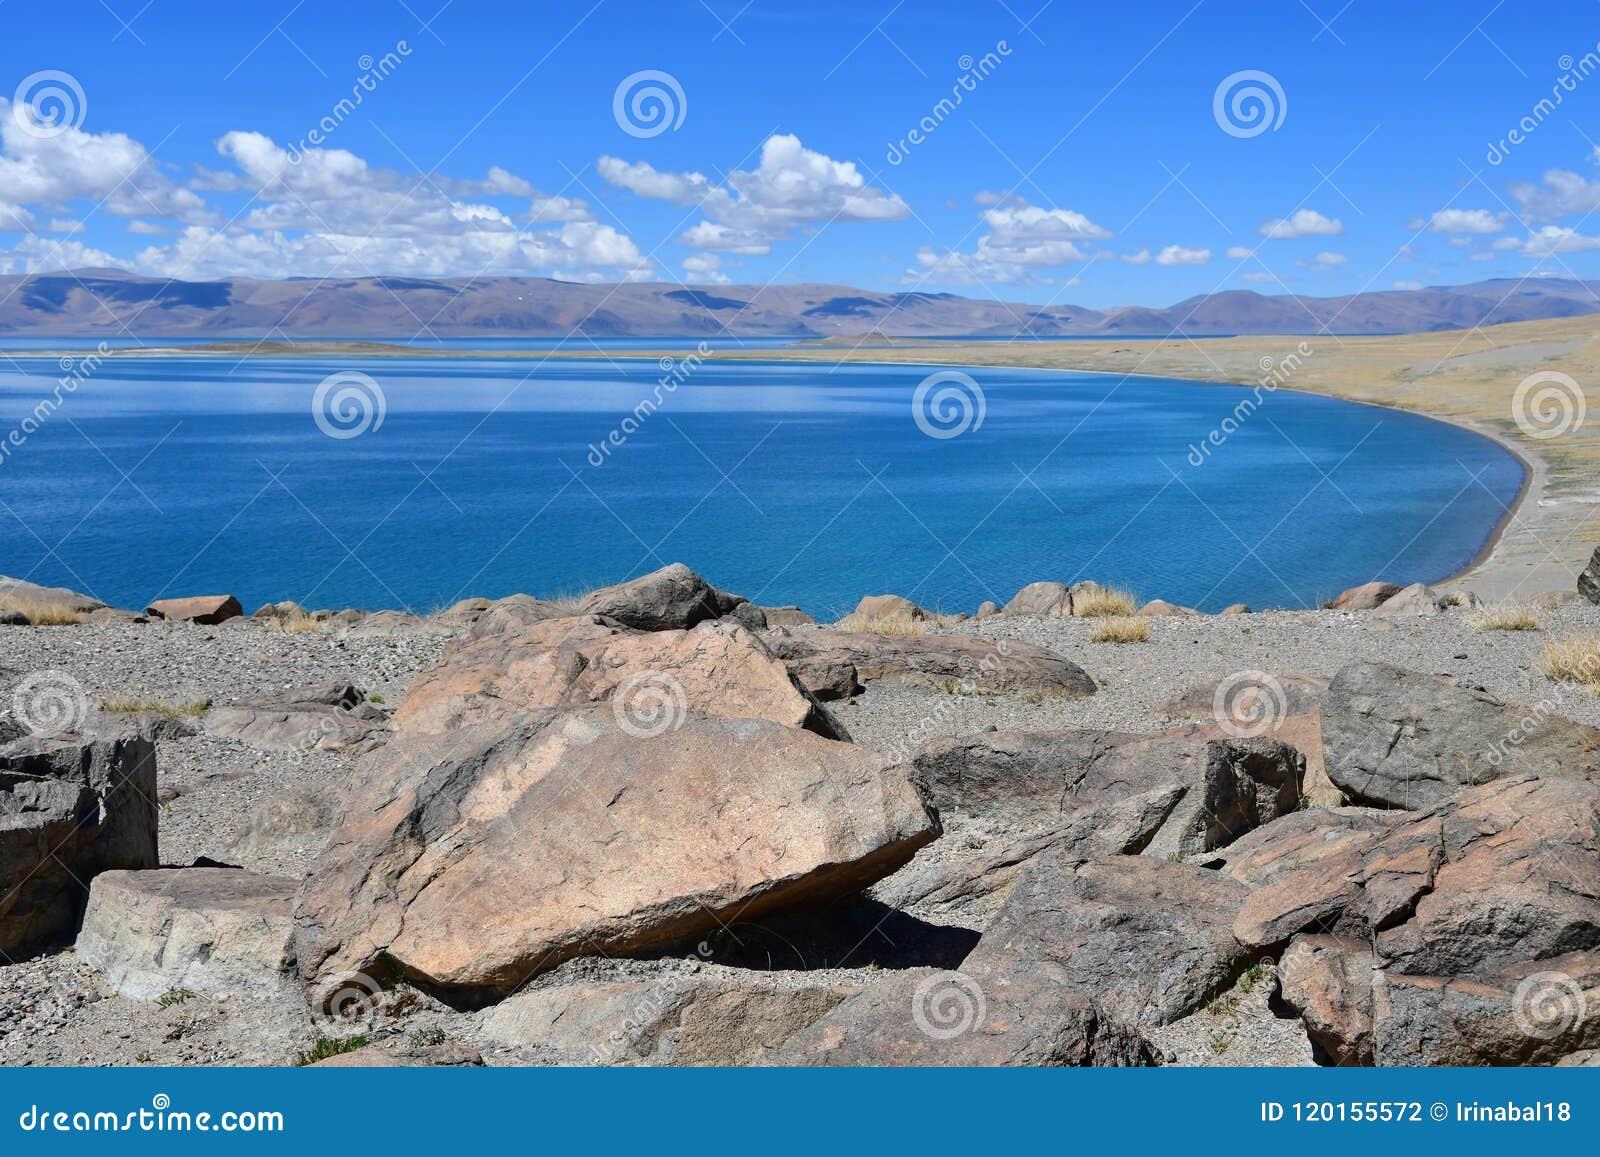 China Grandes lagos de Tibet Lago Teri Tashi Namtso no dia de verão ensolarado